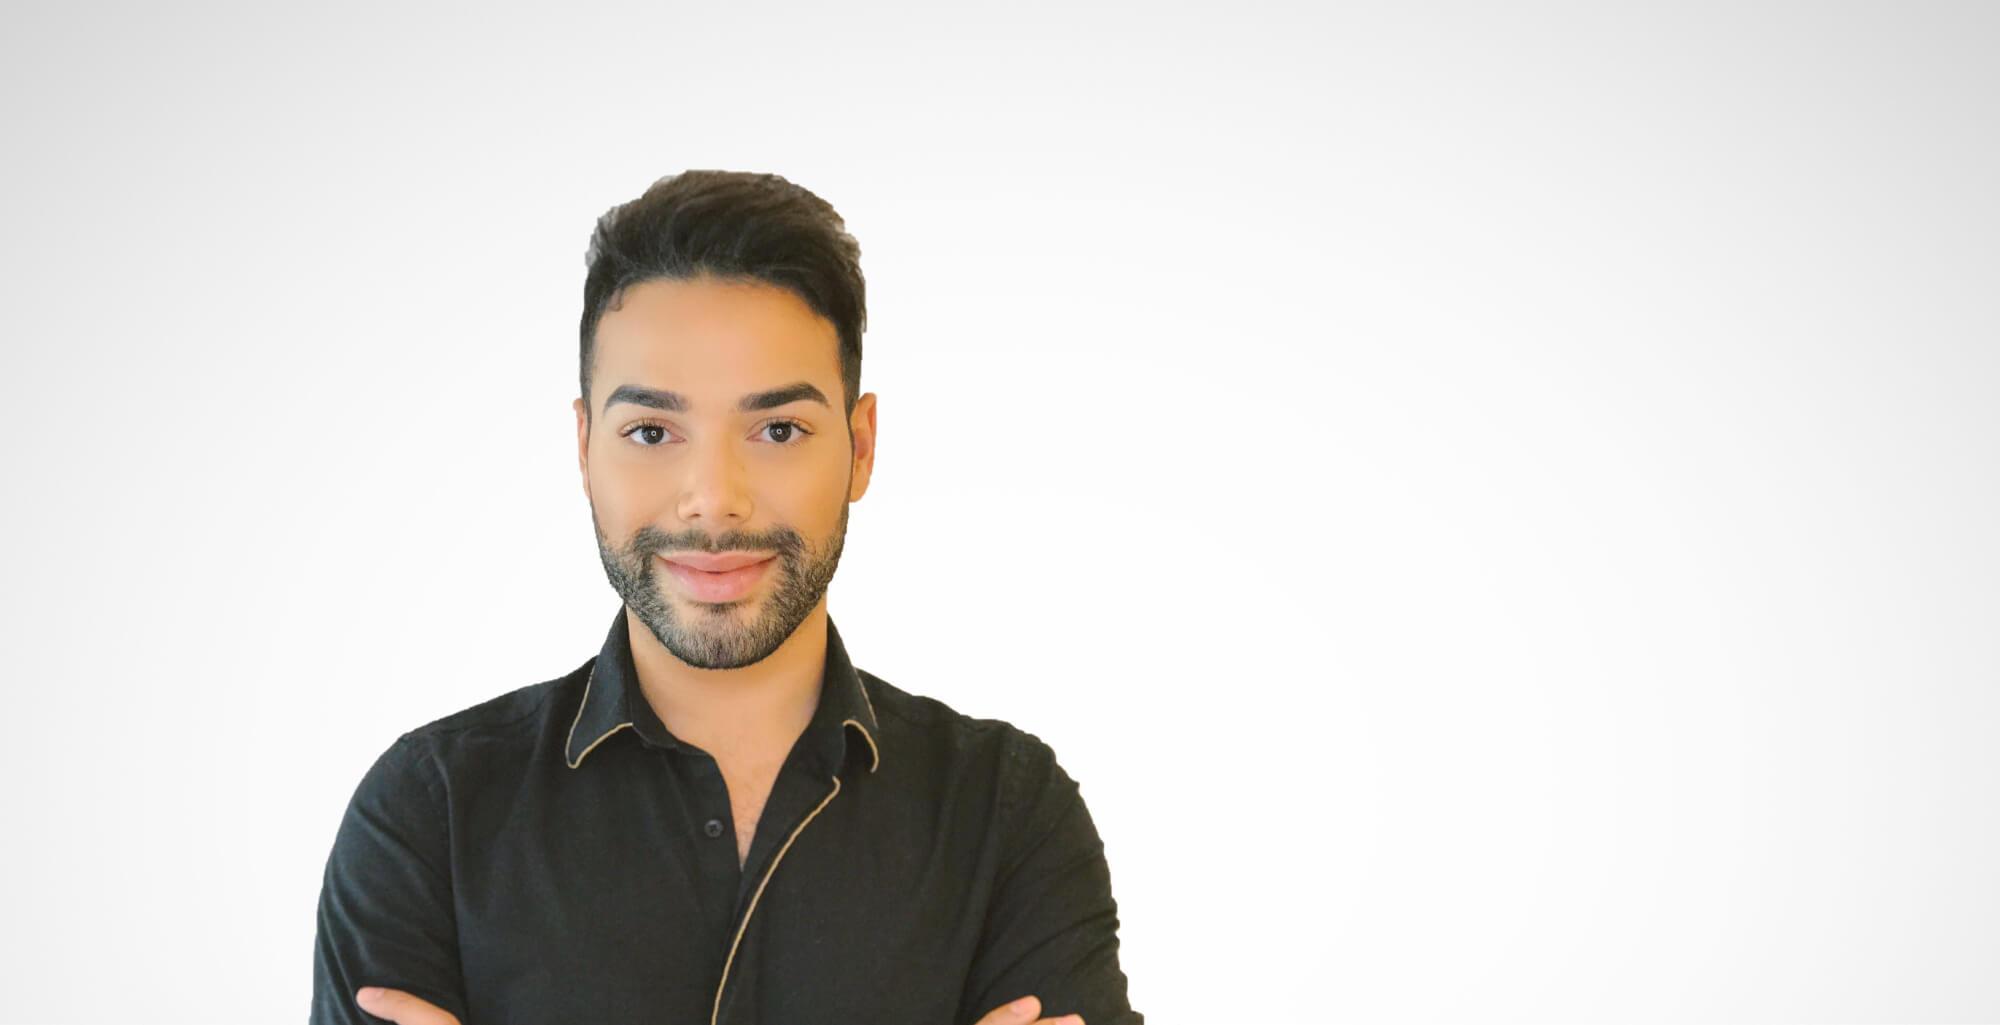 Luis Hair Stylist At Fabio Scalia Salon Soho Great Lengths Hair